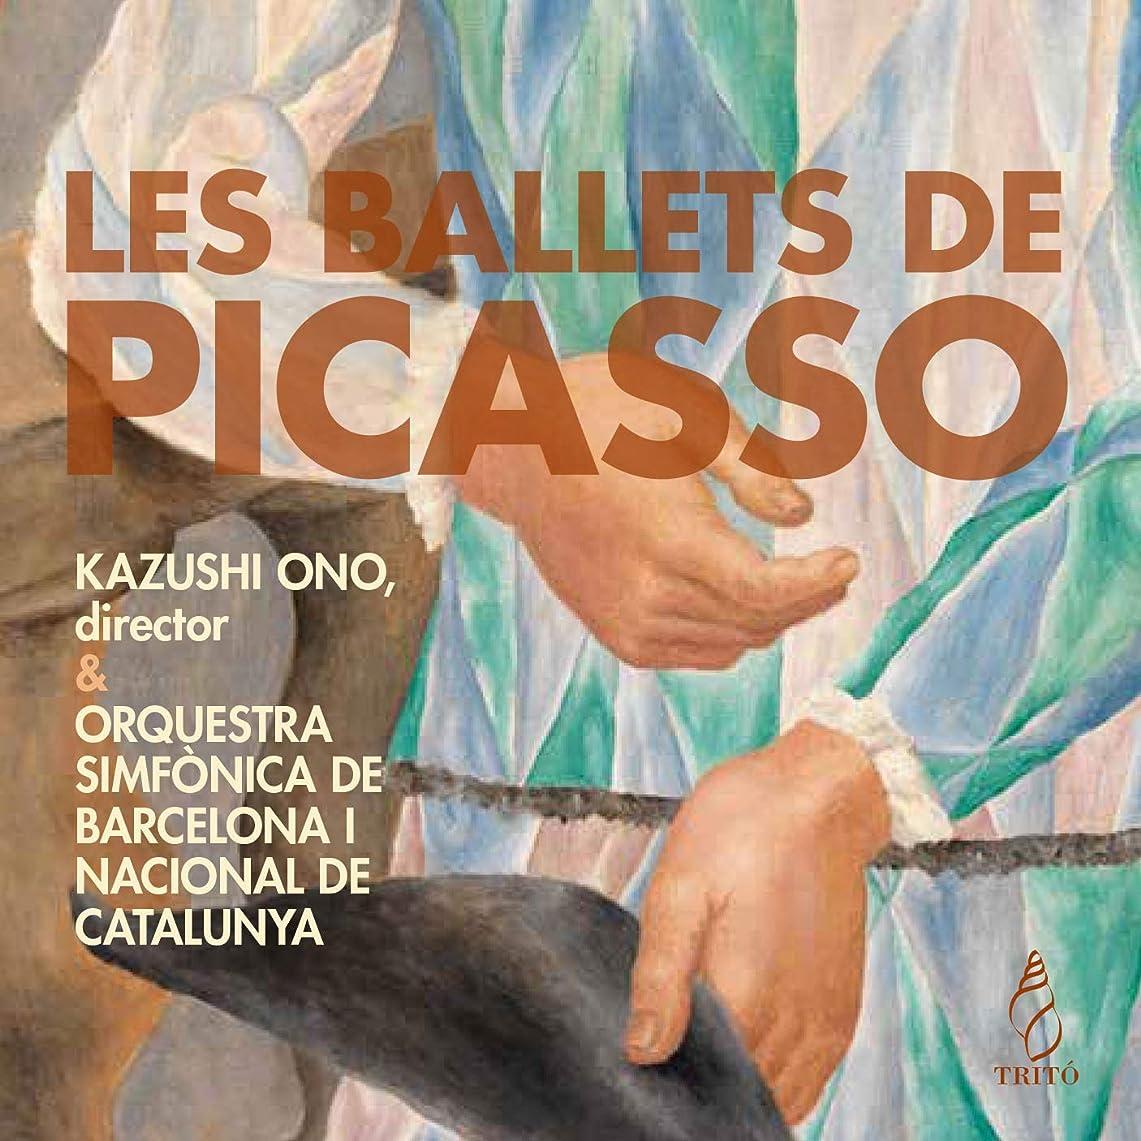 バーマド物足りない回転ファリャ : 三角帽子 | ストラヴィンスキー : プルチネルラ / 大野和士 | バルセロナ交響楽団 (Les Ballets de Picasso / Ono, Orquestra Simfonica de Barcelona) [CD] [Import] [日本語帯?解説付]